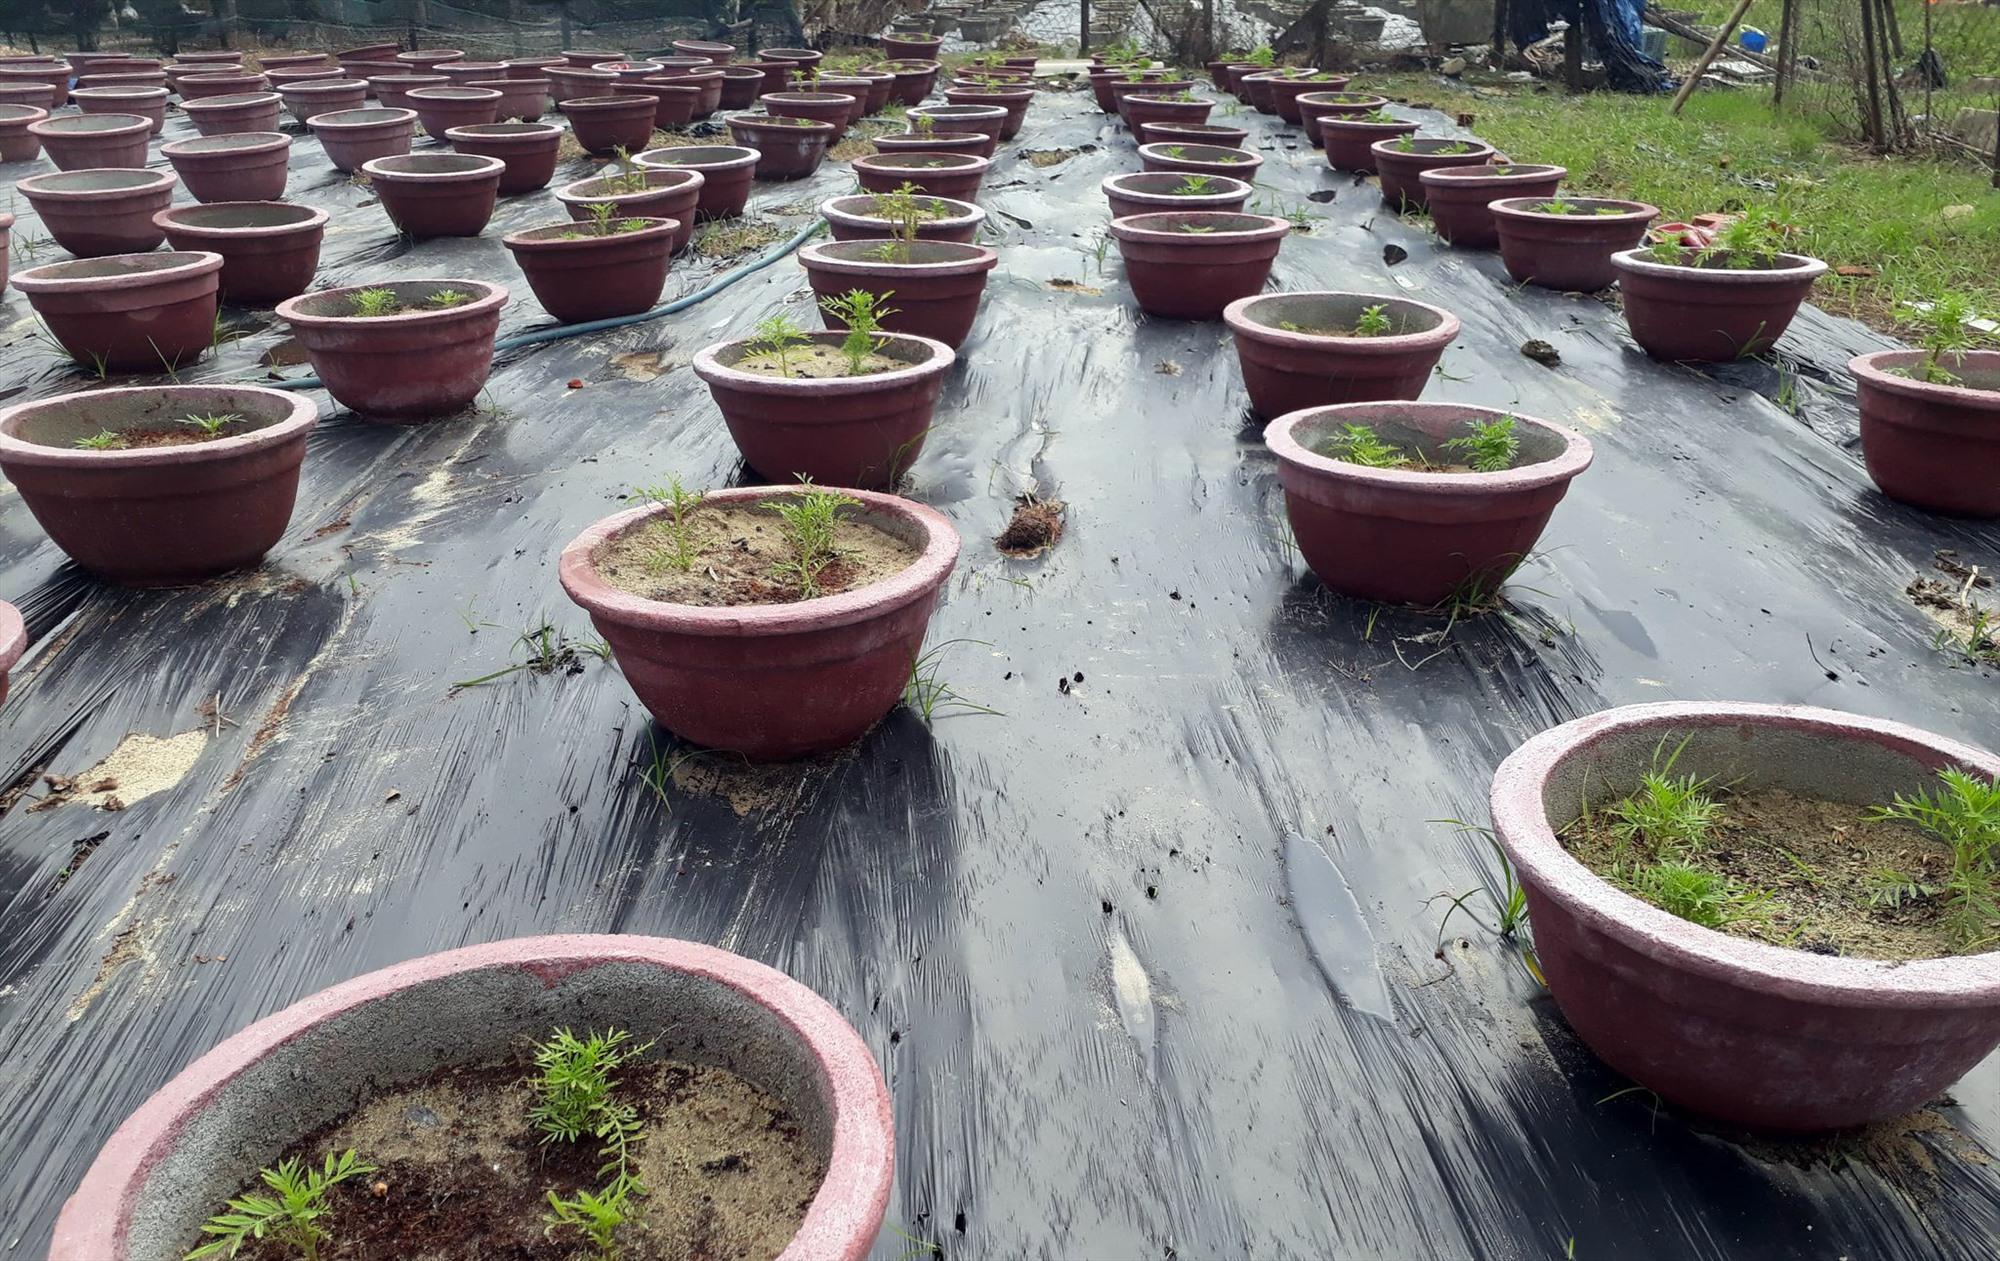 Một số vườn hoa của người dân ít bị ảnh hưởng của bão hoặc trồng sớm đang lên xanh tươi.